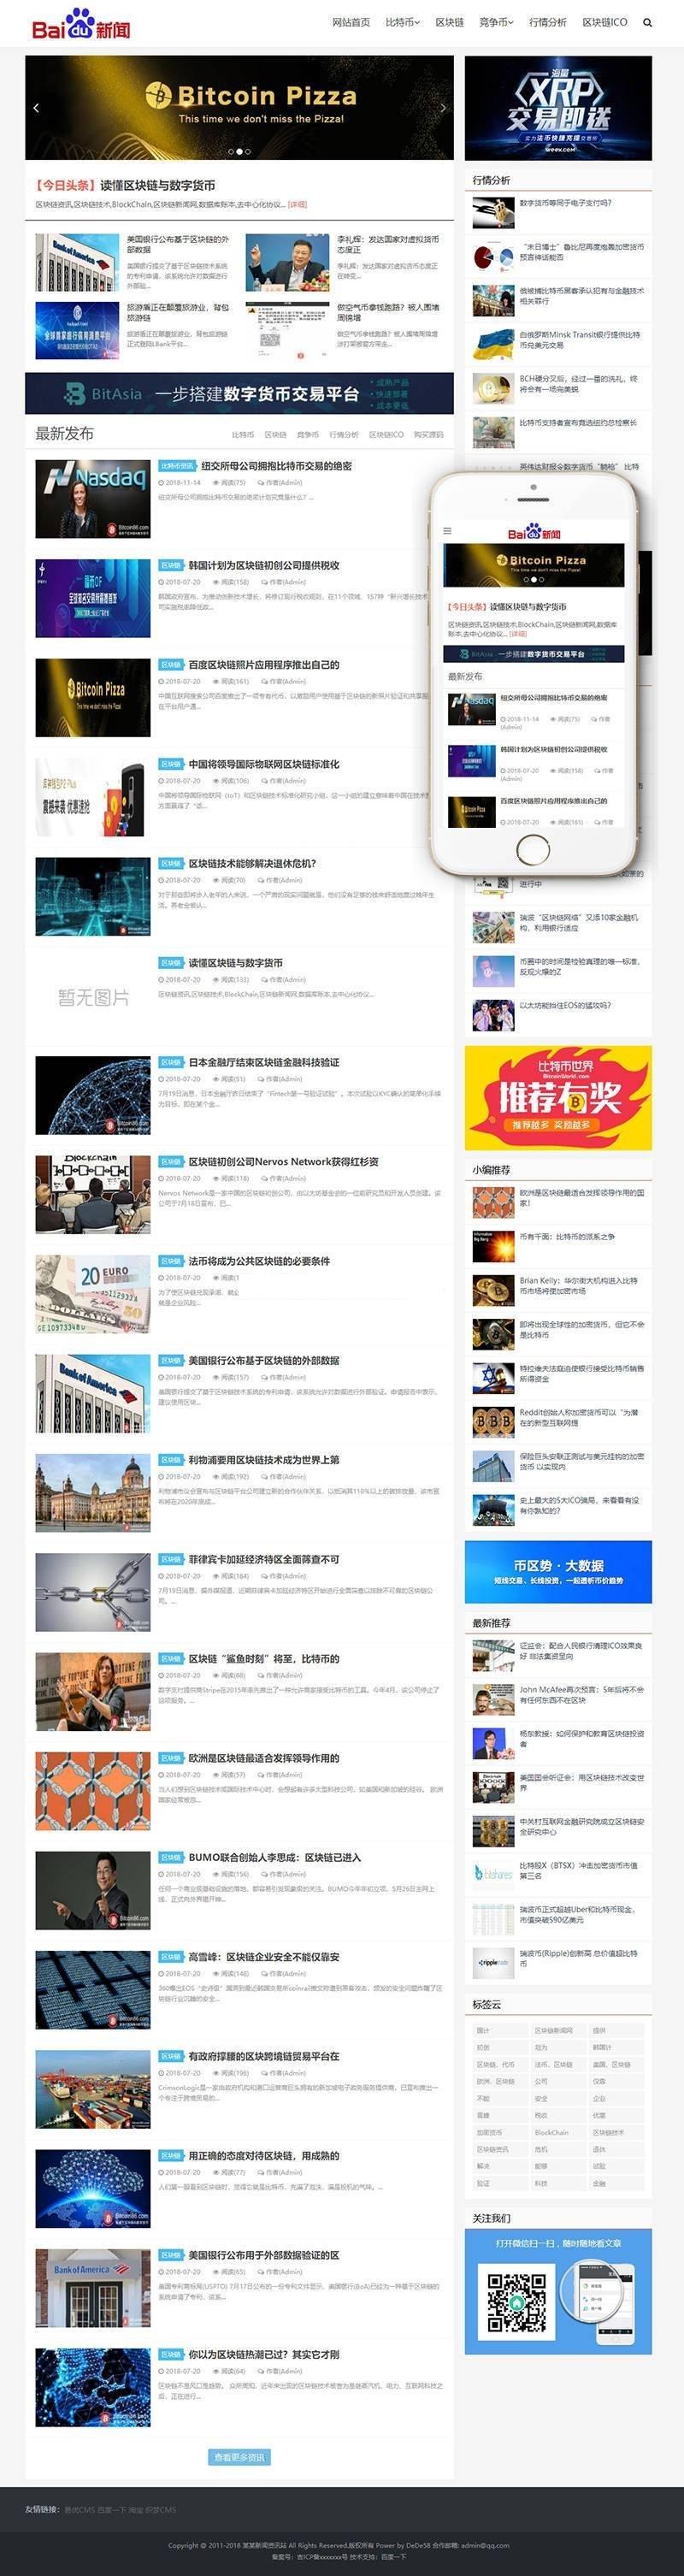 【织梦模板下载】HTML5响应式 比特币新闻资讯网类 vip精品商业源码(百度云盘资源)